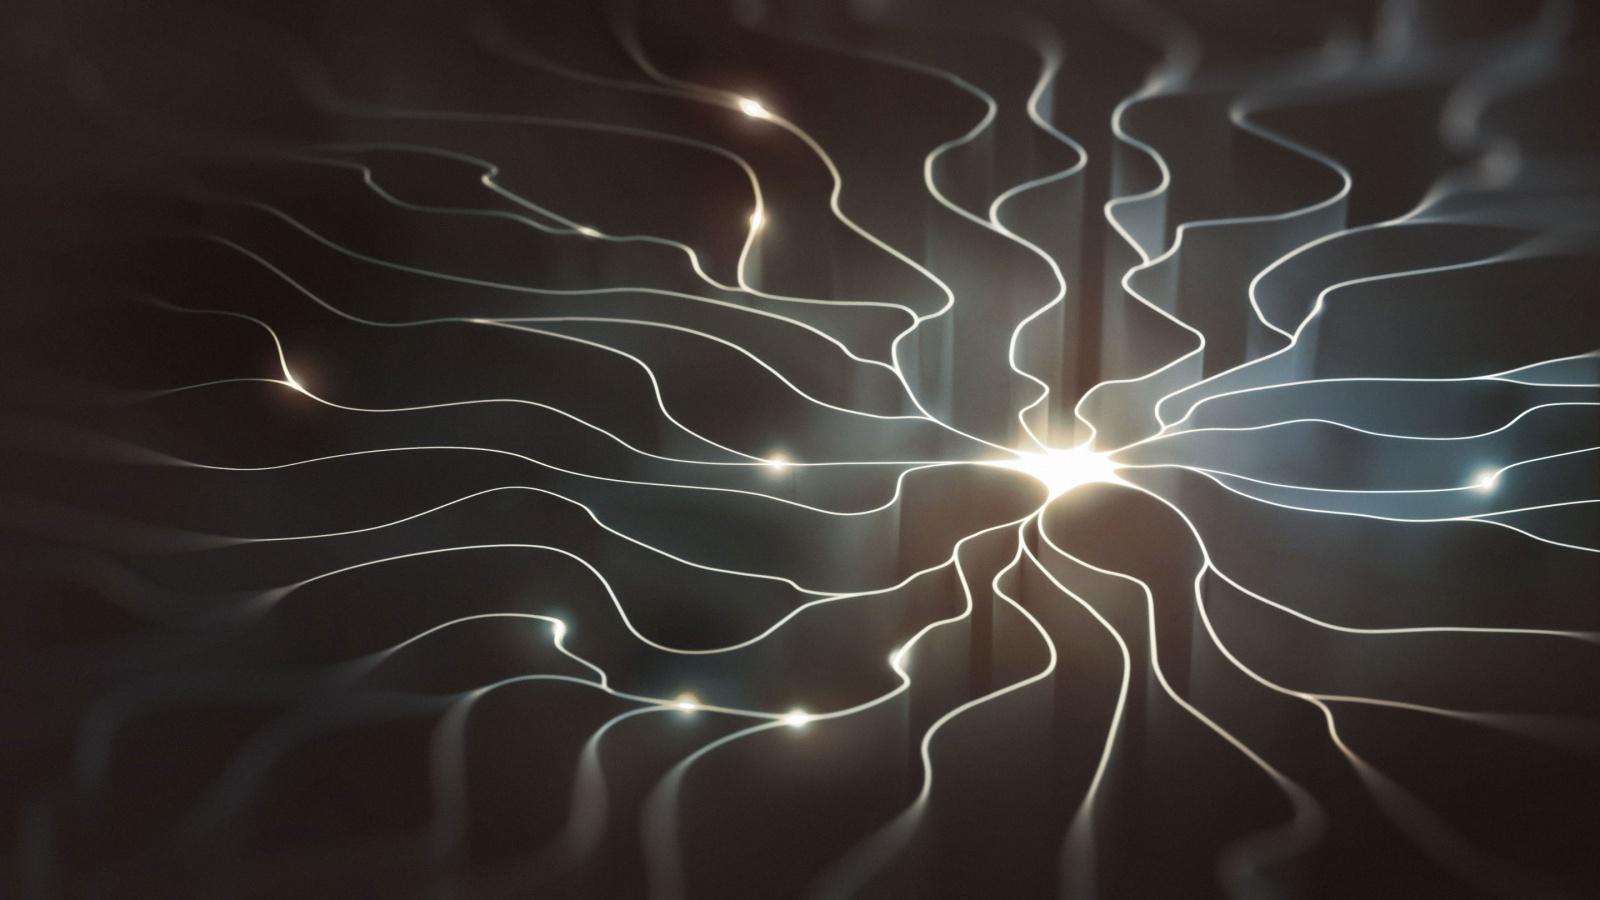 Новая технология построения изображений мозга с невиданной детализацией может изменить нейробиологию - 1